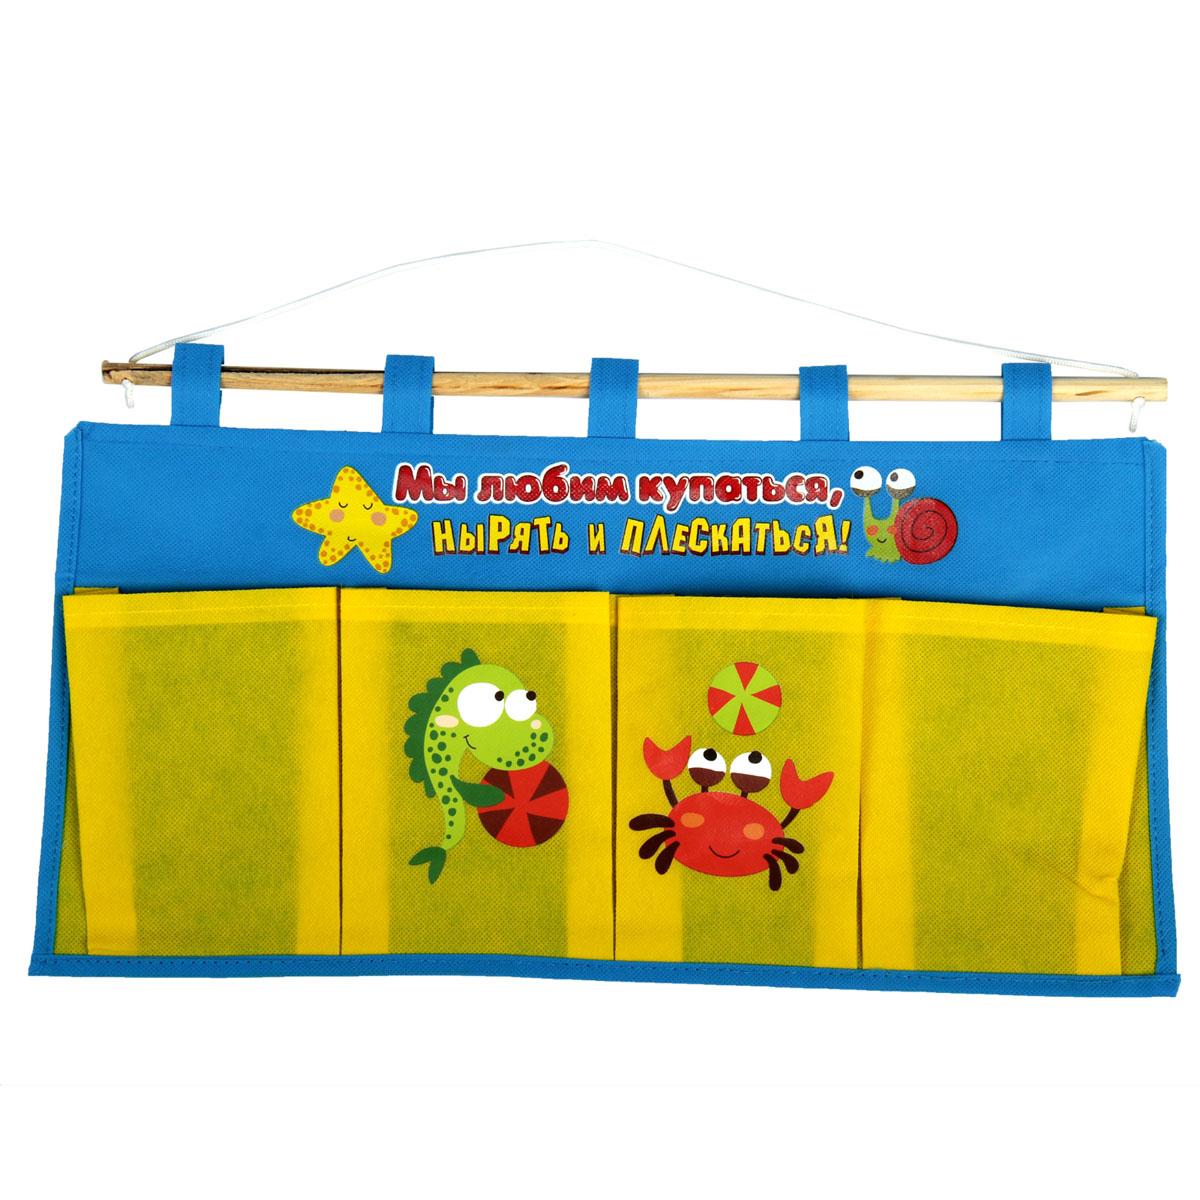 Кармашки на стену Sima-land Мы любим купаться, цвет: голубой, желтый, красный, 4 шт842448Кармашки на стену Sima-land «Мы любим купаться», изготовленные из текстиля, предназначены для хранения необходимых вещей, множества мелочей в гардеробной, ванной, детской комнатах. Изделие представляет собой текстильное полотно с четырьмя пришитыми кармашками. Благодаря деревянной планке и шнурку, кармашки можно подвесить на стену или дверь в необходимом для вас месте. Кармашки декорированы изображениями забавных морских обитателей и надписью «Мы любим купаться, нырять и плескаться!». Этот нужный предмет может стать одновременно и декоративным элементом комнаты. Яркий дизайн, как ничто иное, способен оживить интерьер вашего дома.